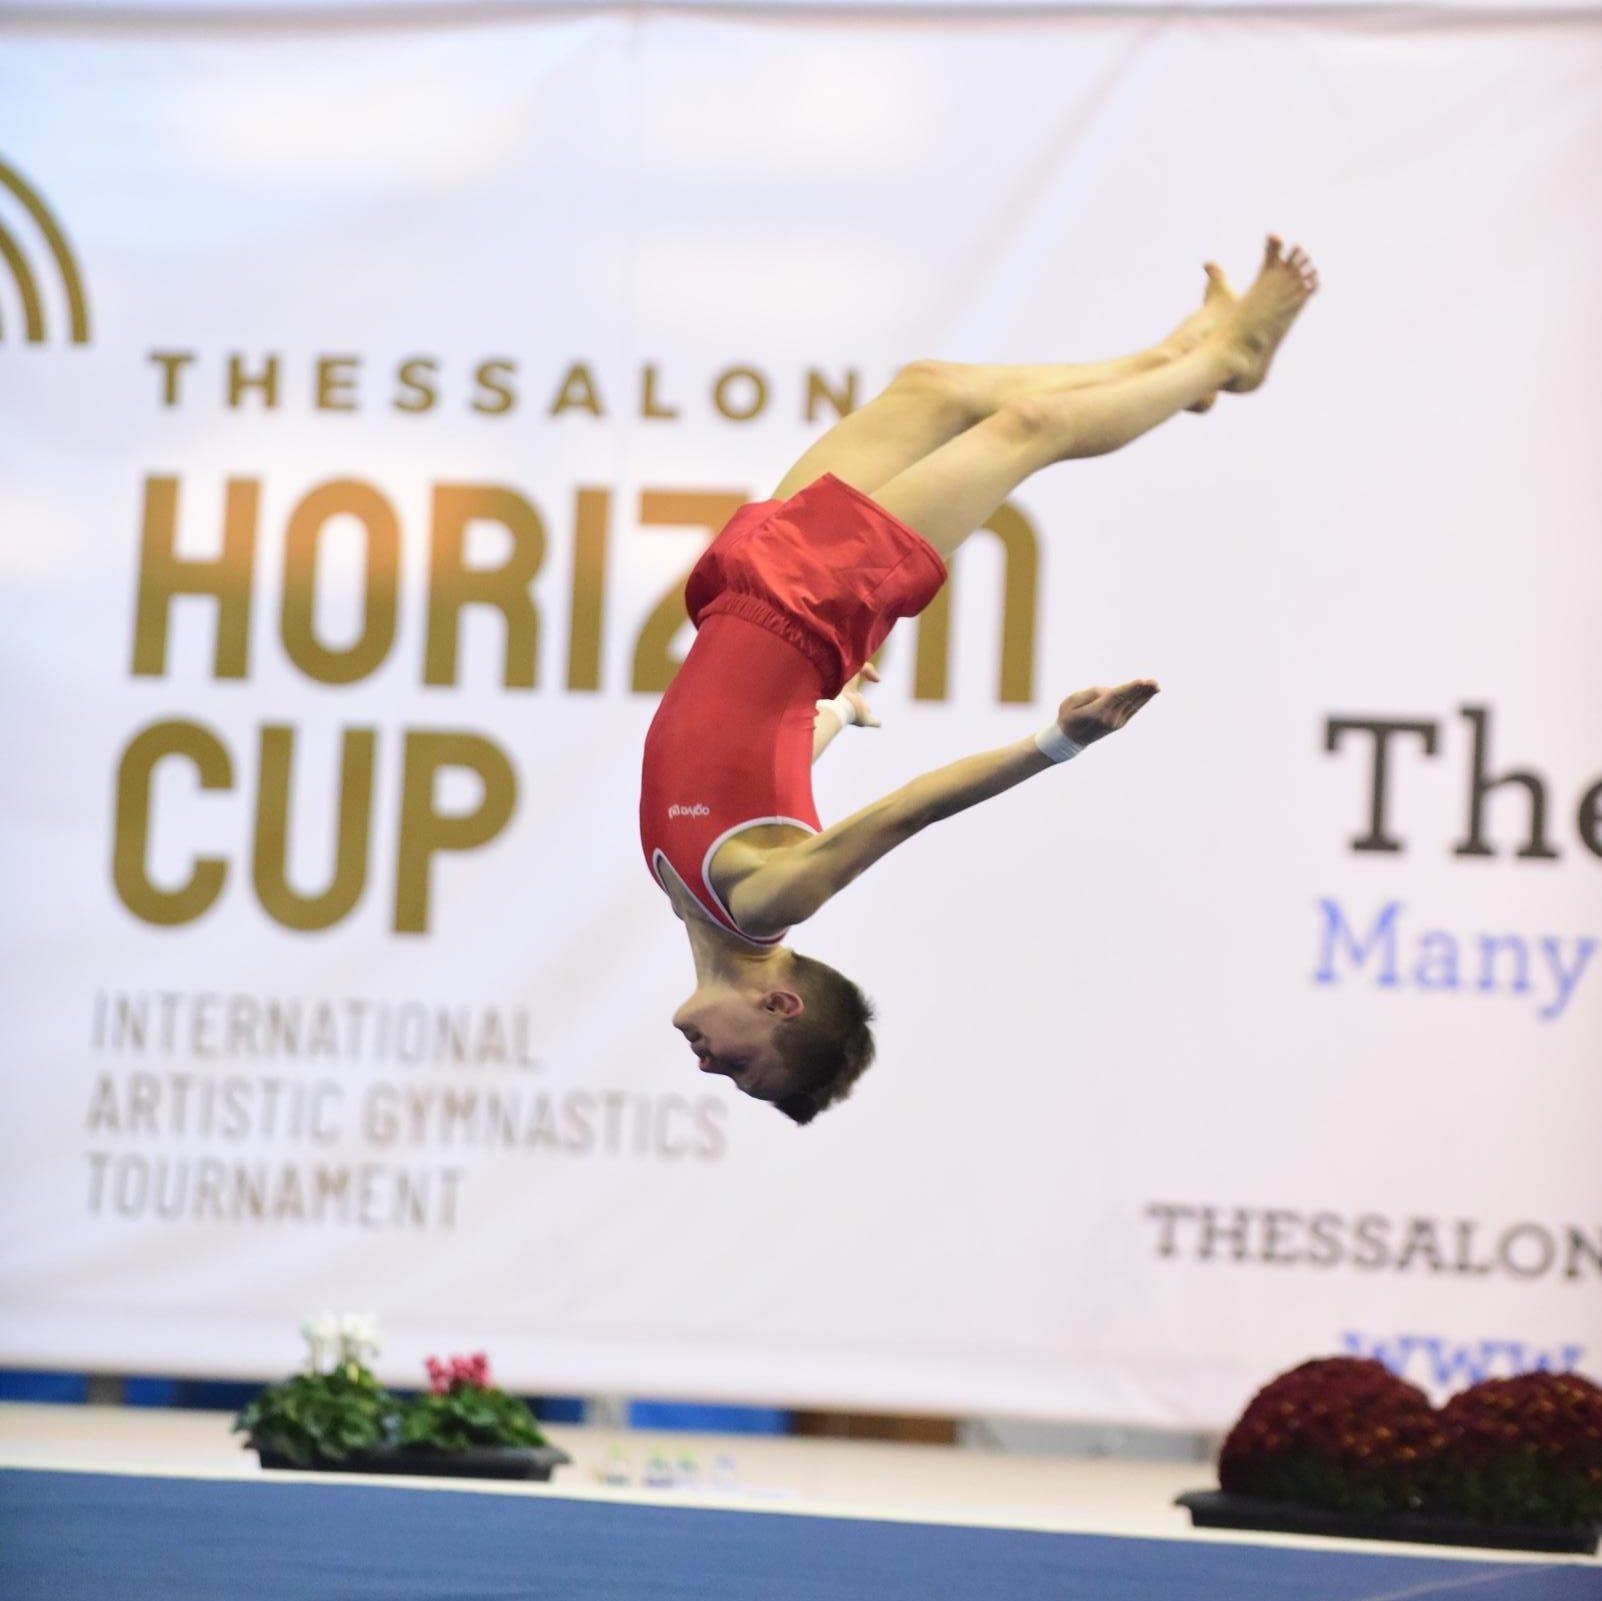 """Ολοταχώς για ρεκόρ ξένων συμμετοχών  το 2ο διεθνές τουρνουά ενόργανης """"Horizon Cup"""""""